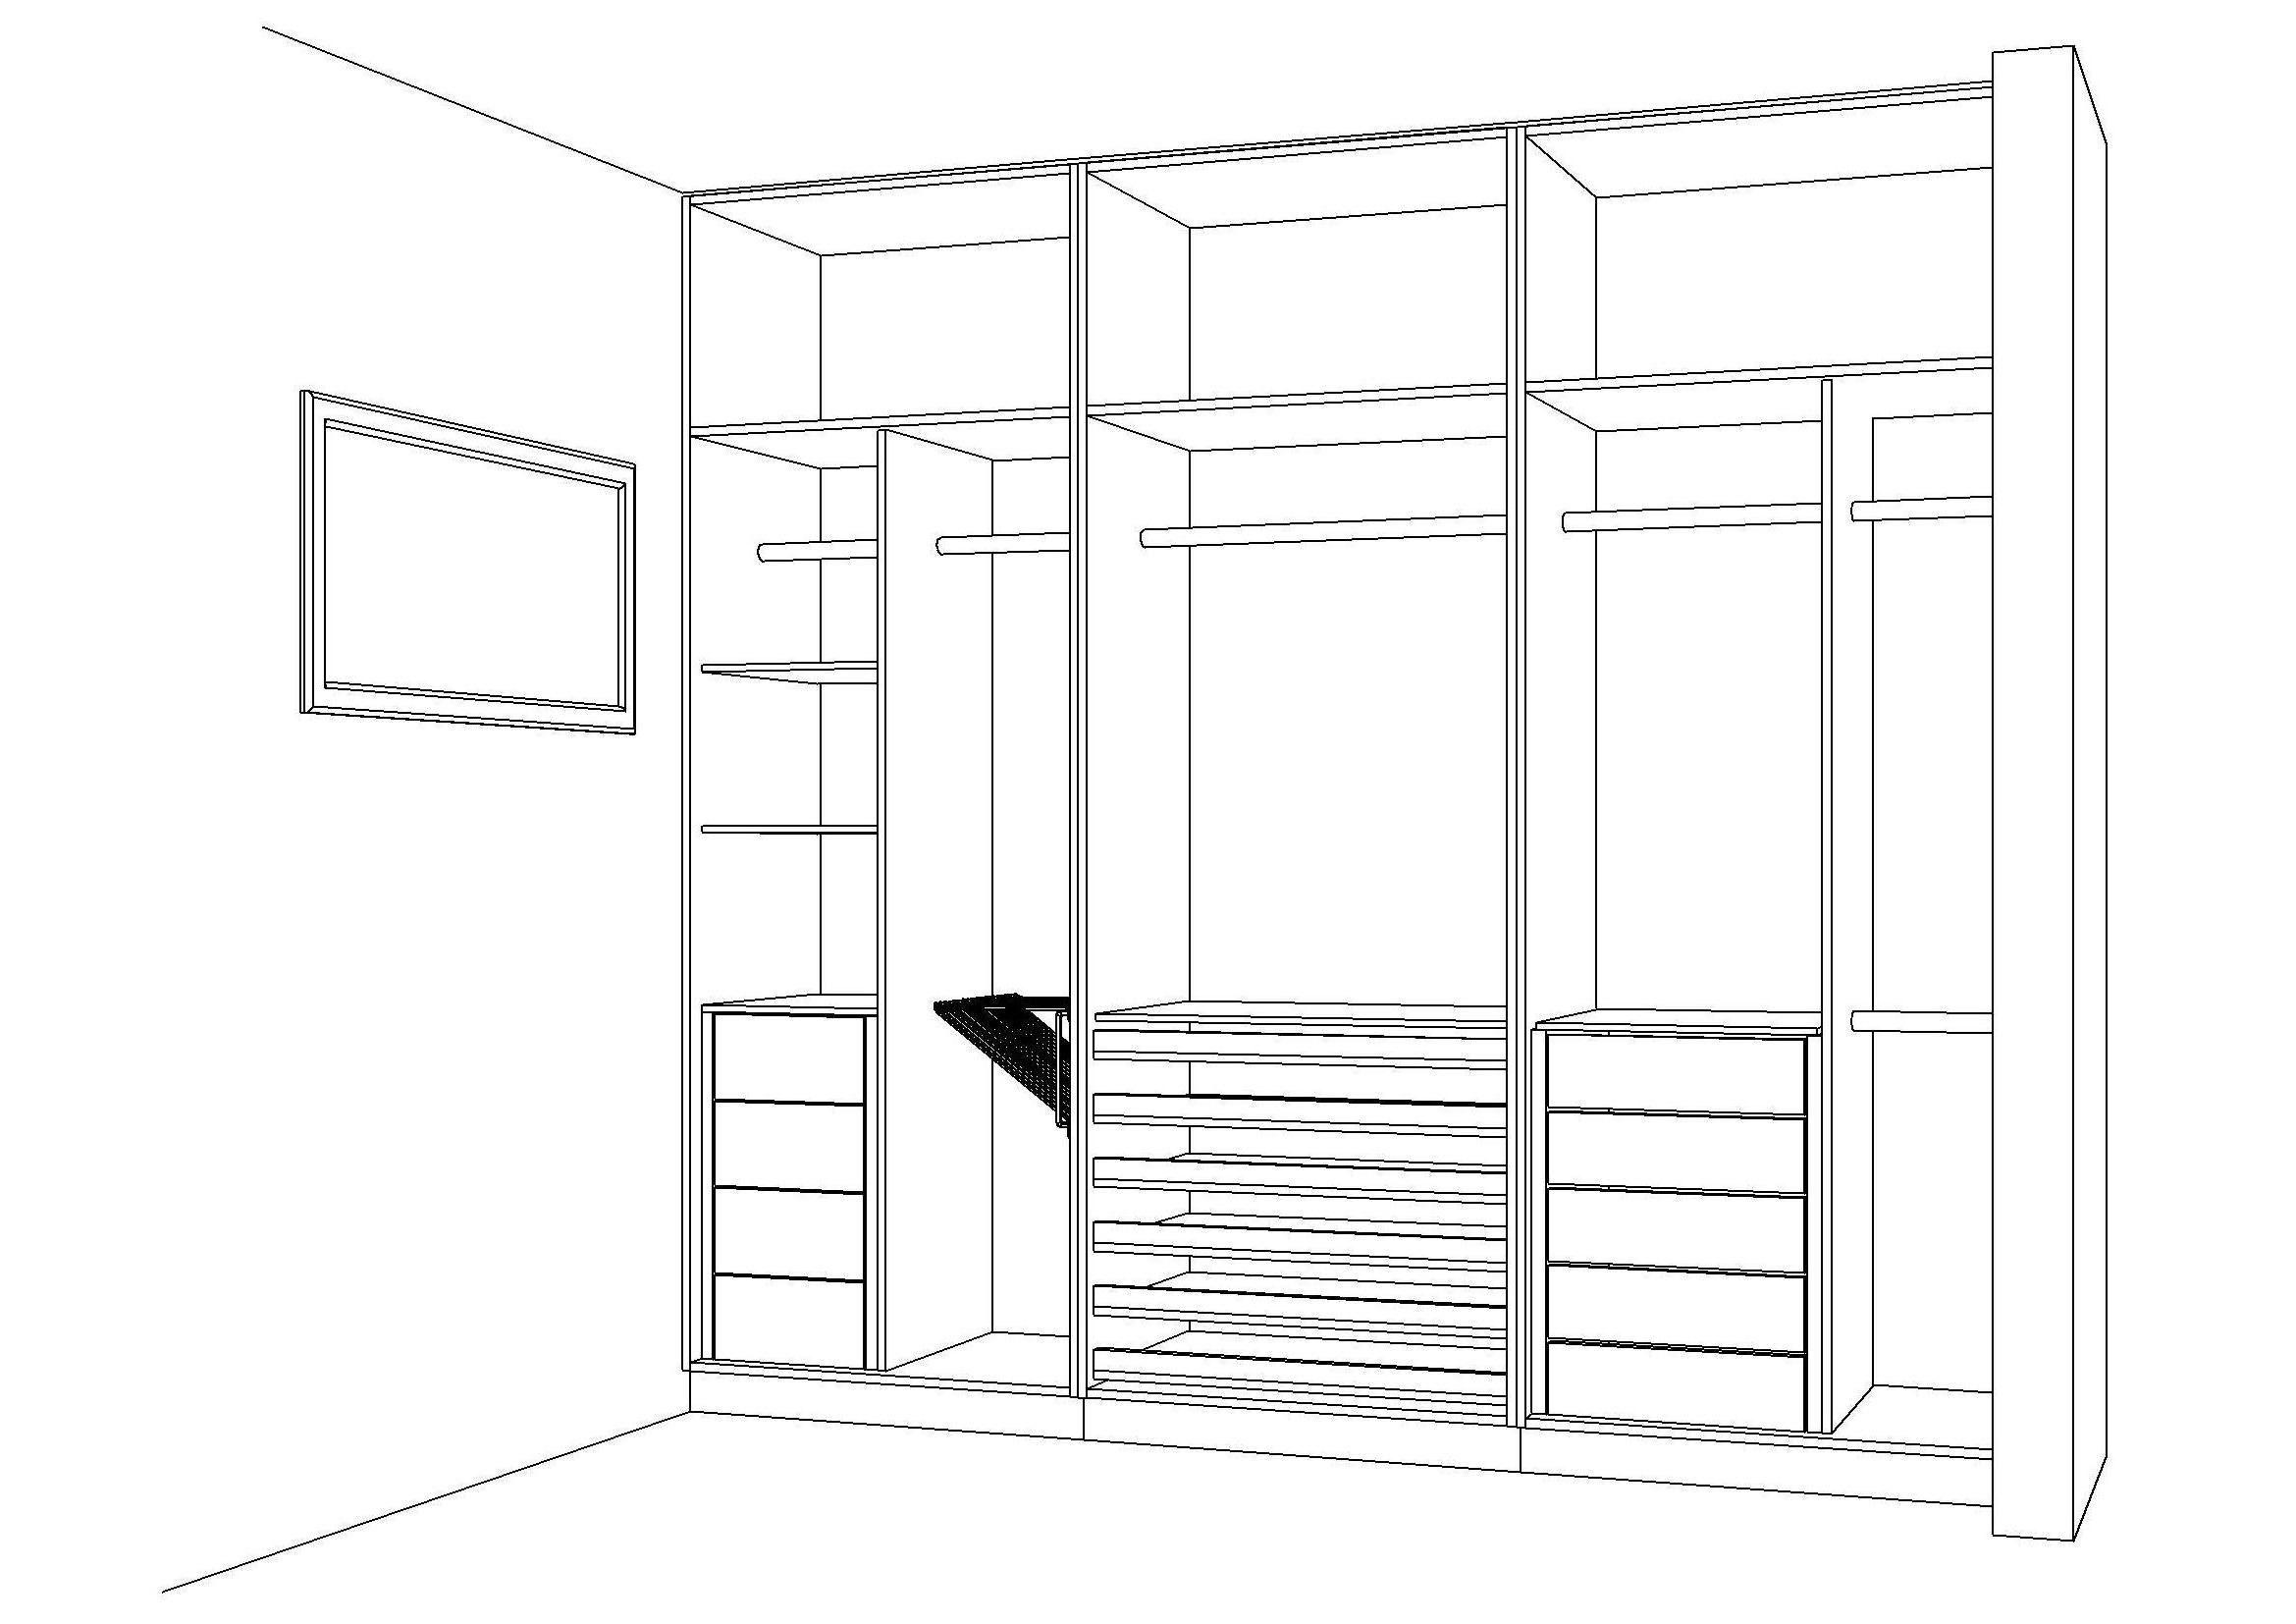 Visual Armarios Embutidos : Projetos de armarios embutidos para quarto